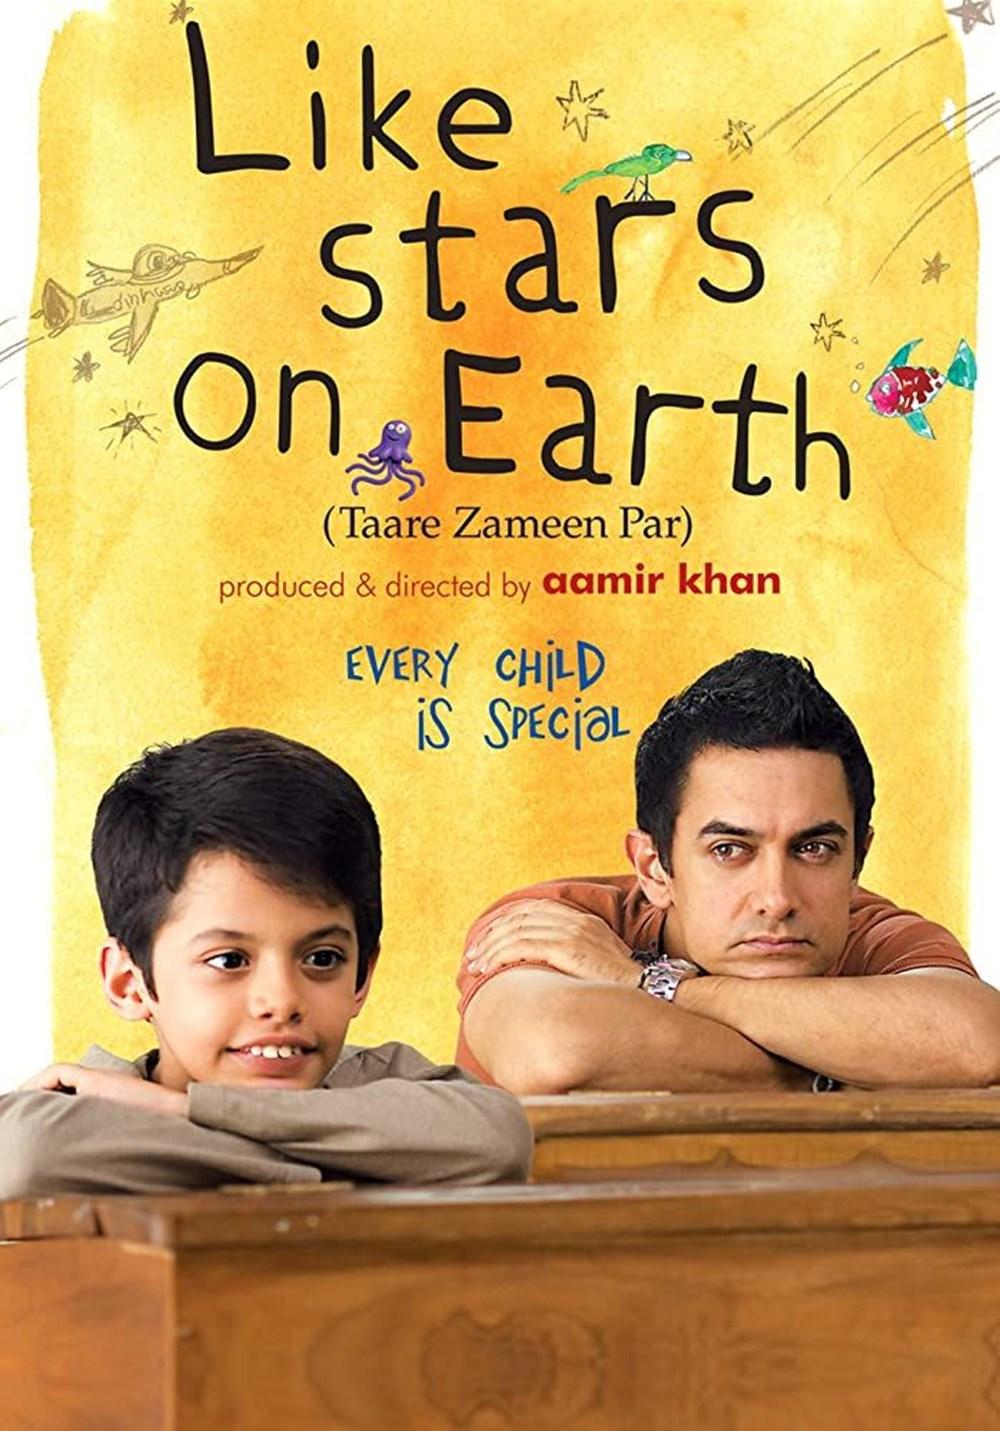 En iyi Hint filmleri - IMDb verileri (Bollywood sineması) - 37